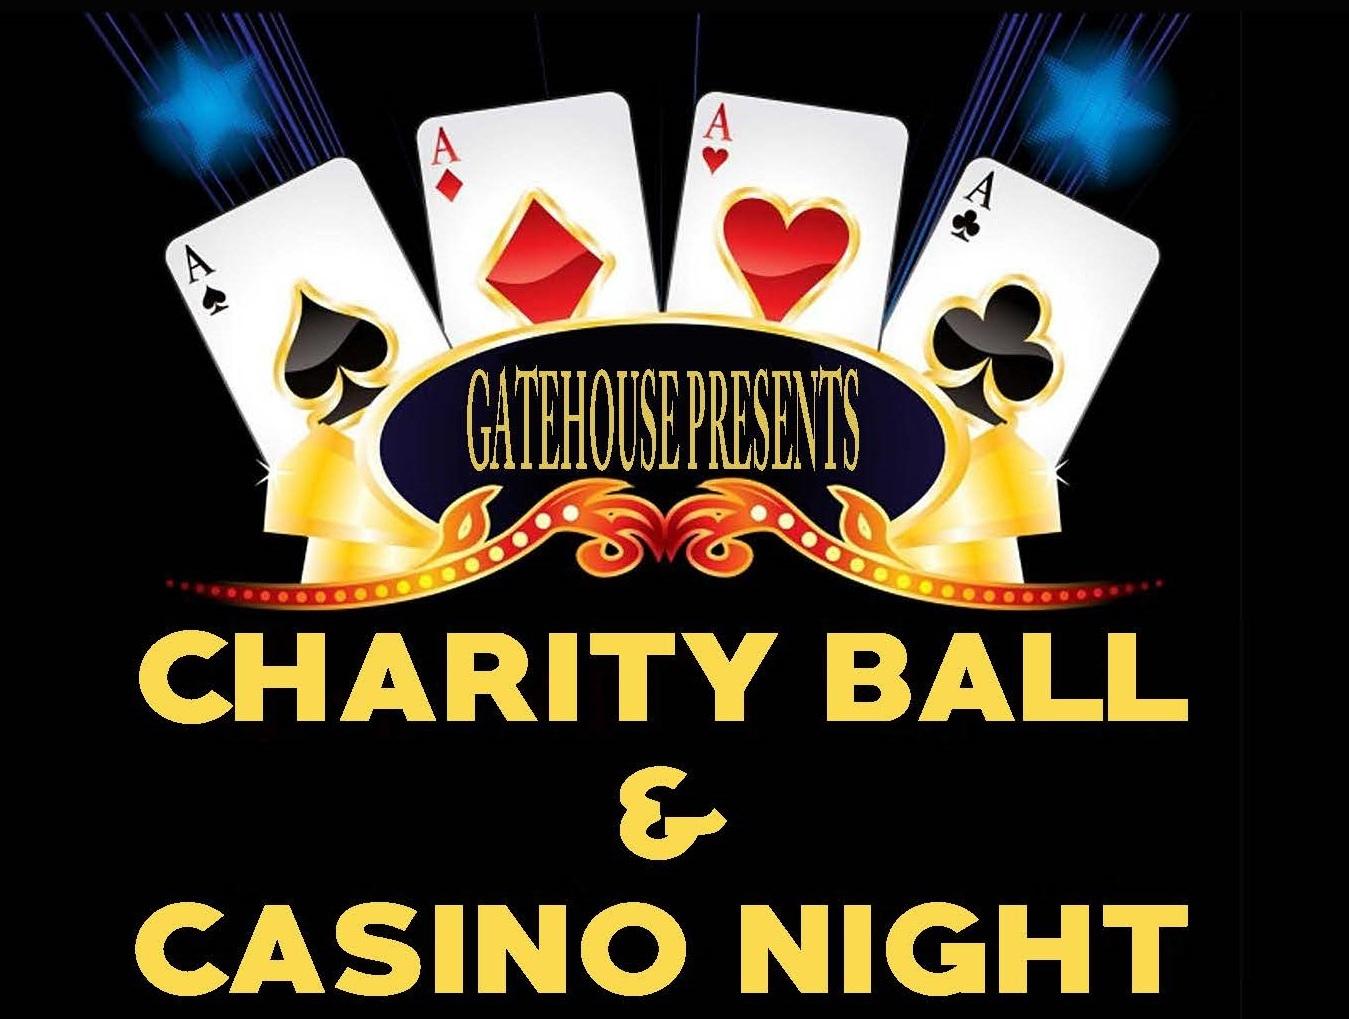 Charity Ball & Casino Night